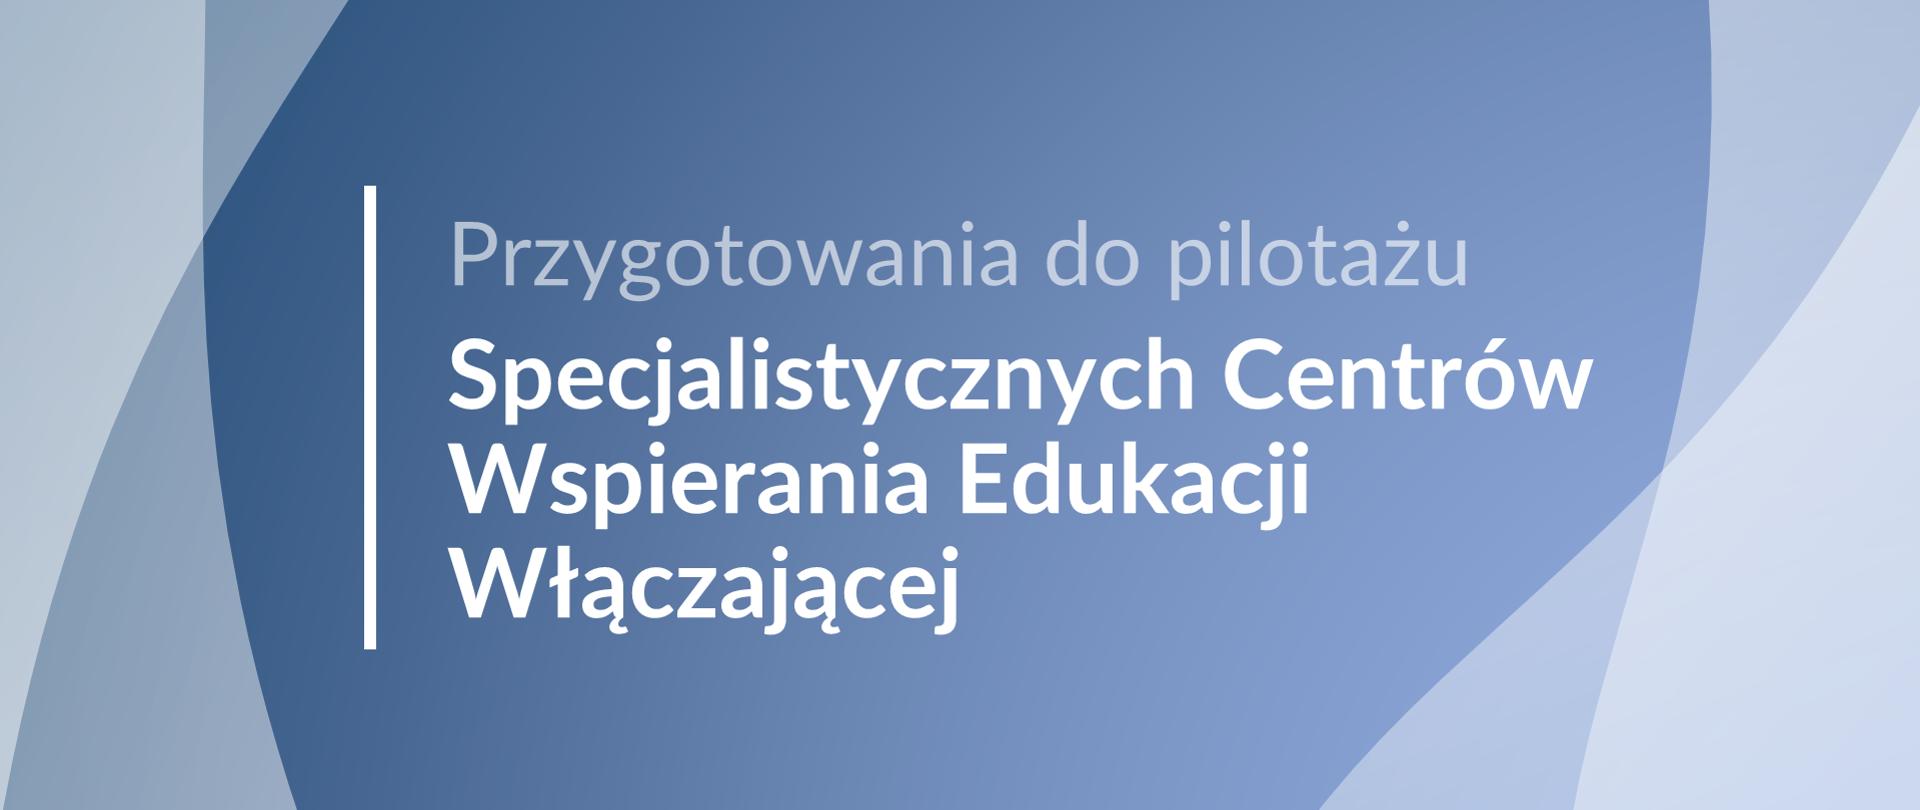 Jasna grafika z tekstem: Przygotowania do pilotażu Specjalistycznych Centrów Wspierania Edukacji Włączającej